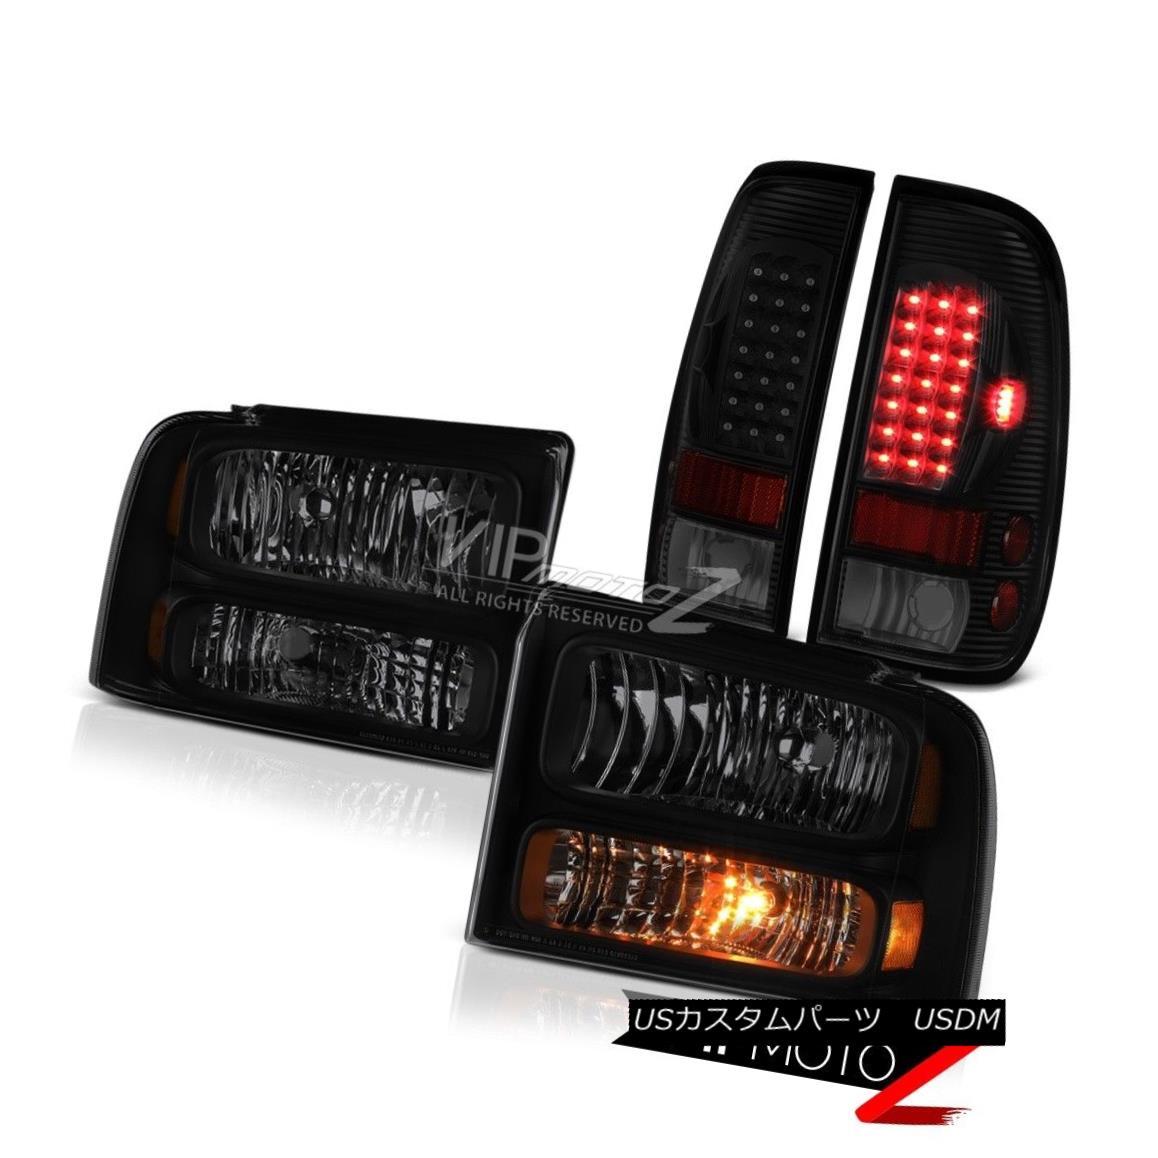 ヘッドライト 05 06 07 F350 Harley Davidson Sinister Black Taillamps Headlights LED Oe Style 05 06 07 F350ハーレーダビッドソンシニスターブラックタイランプヘッドライトLED Oeスタイル